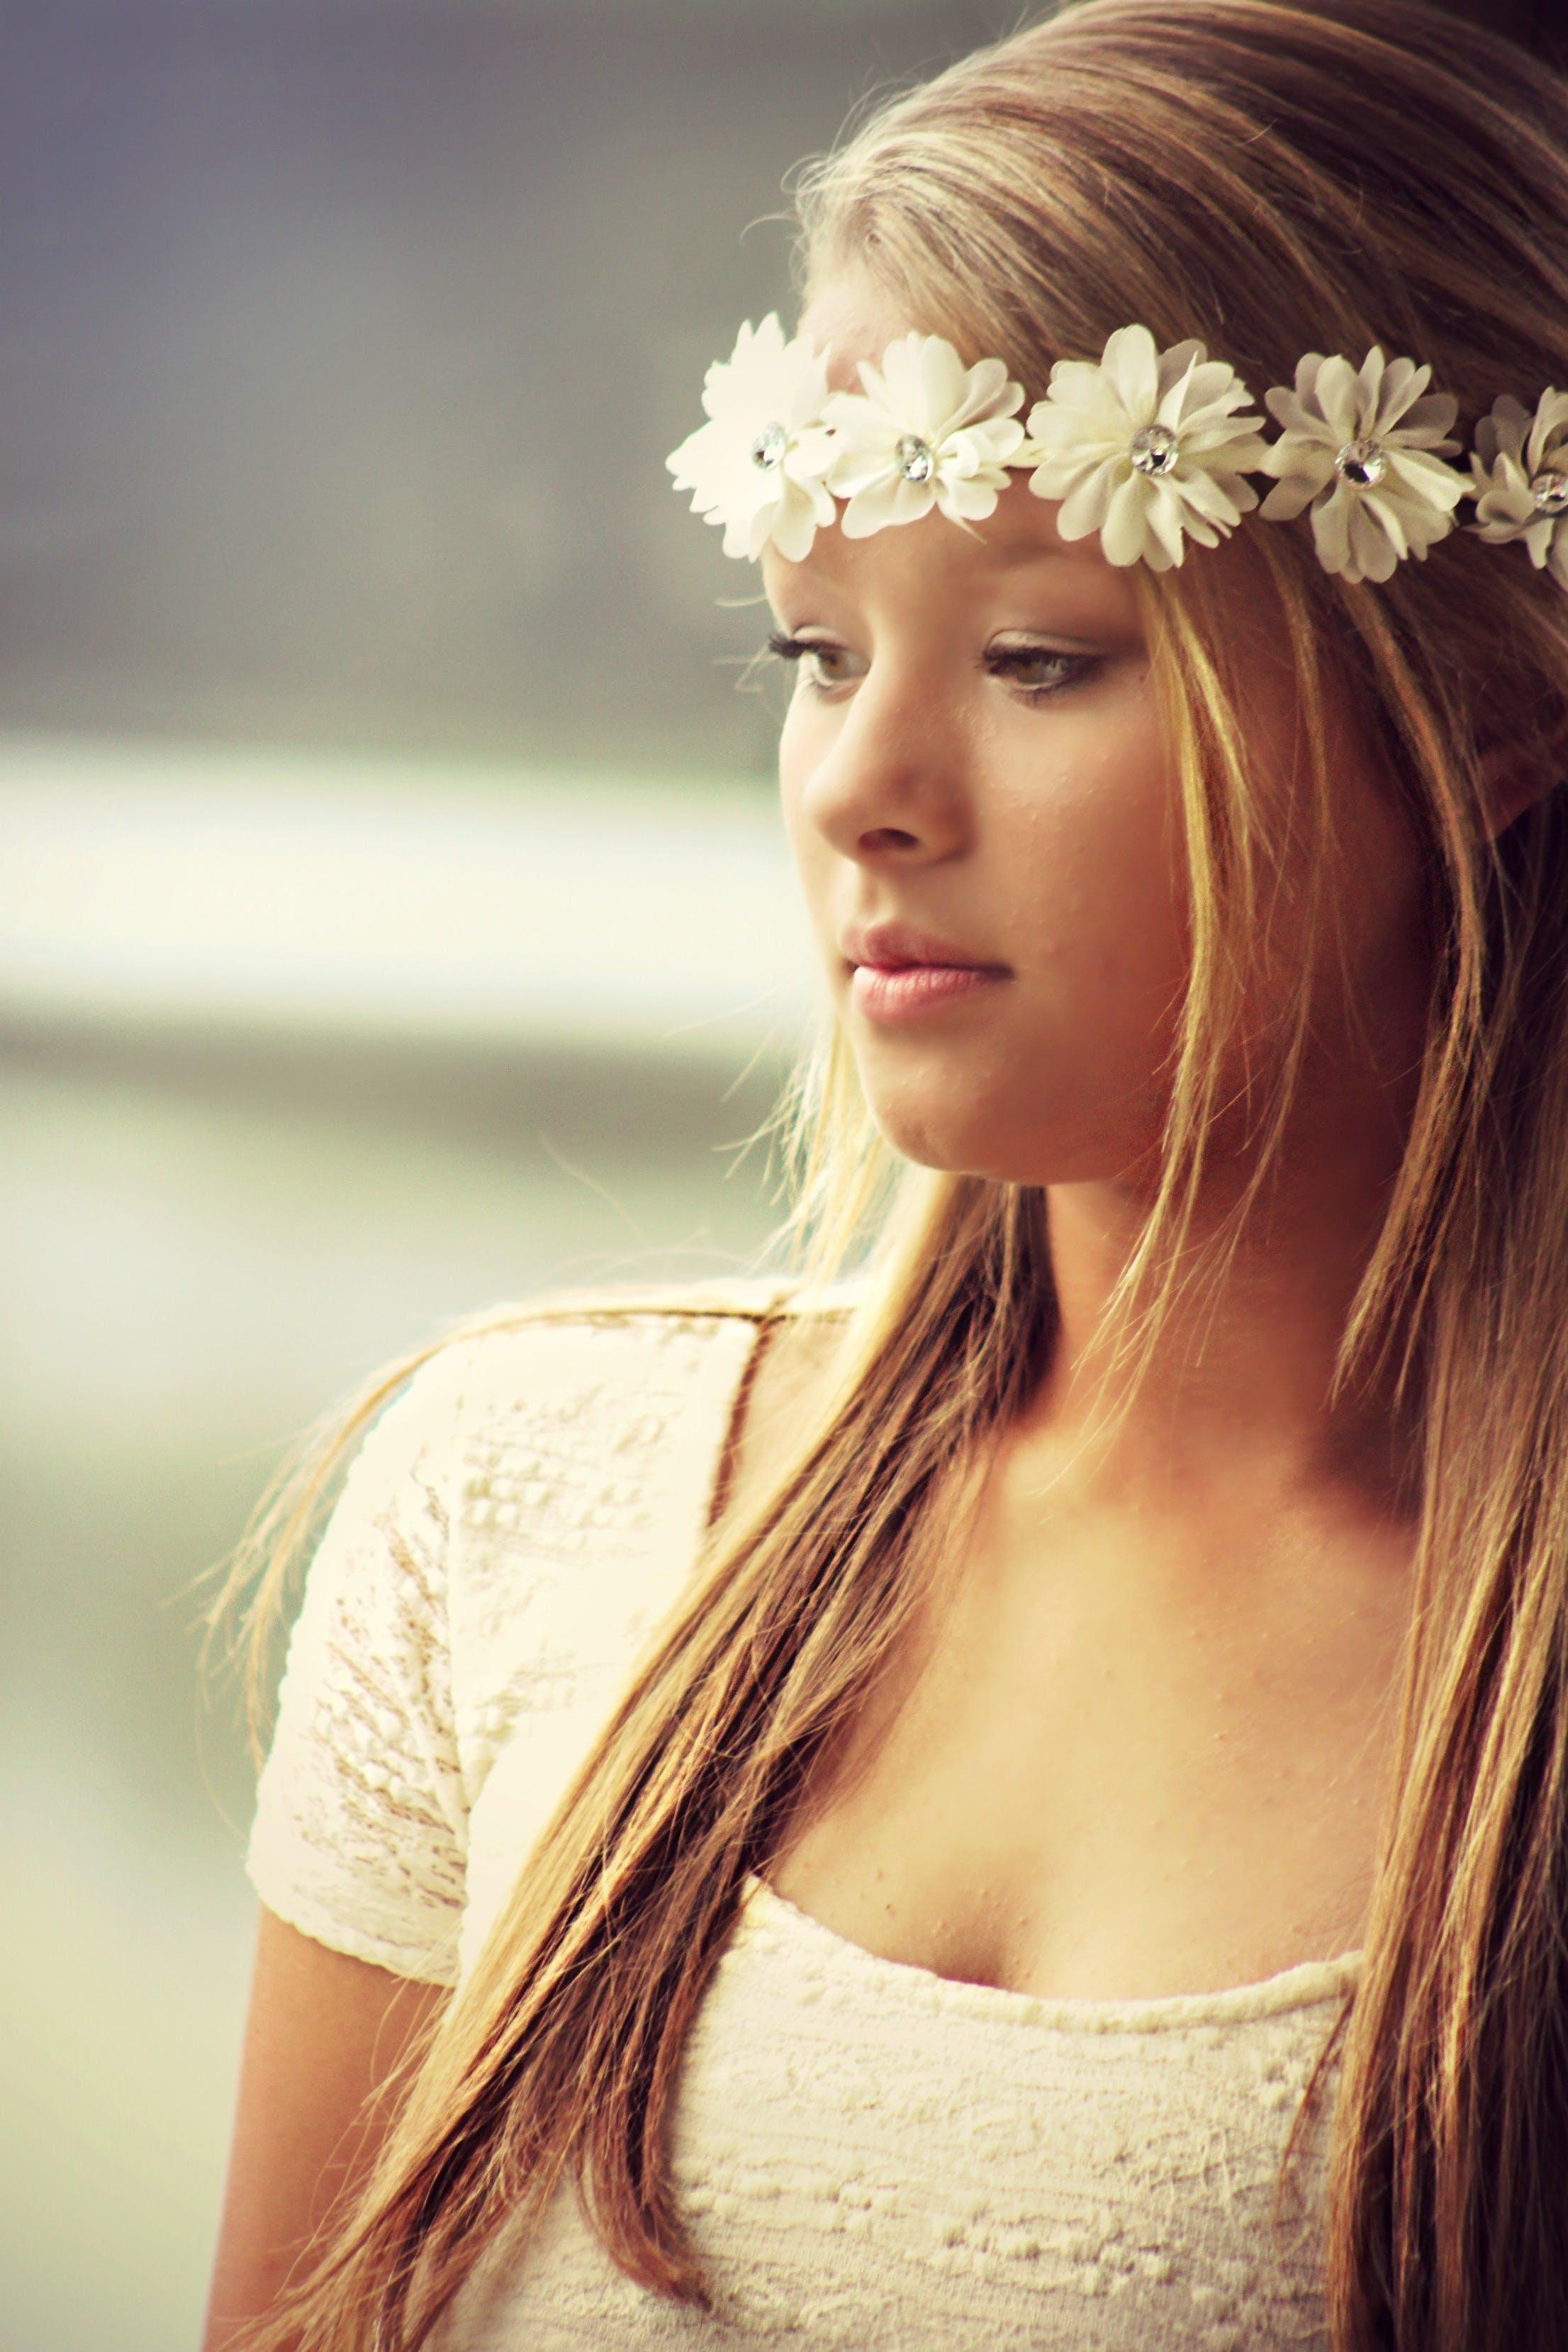 Foto profissional grátis de adolescente, atraente, bonita, cabelo